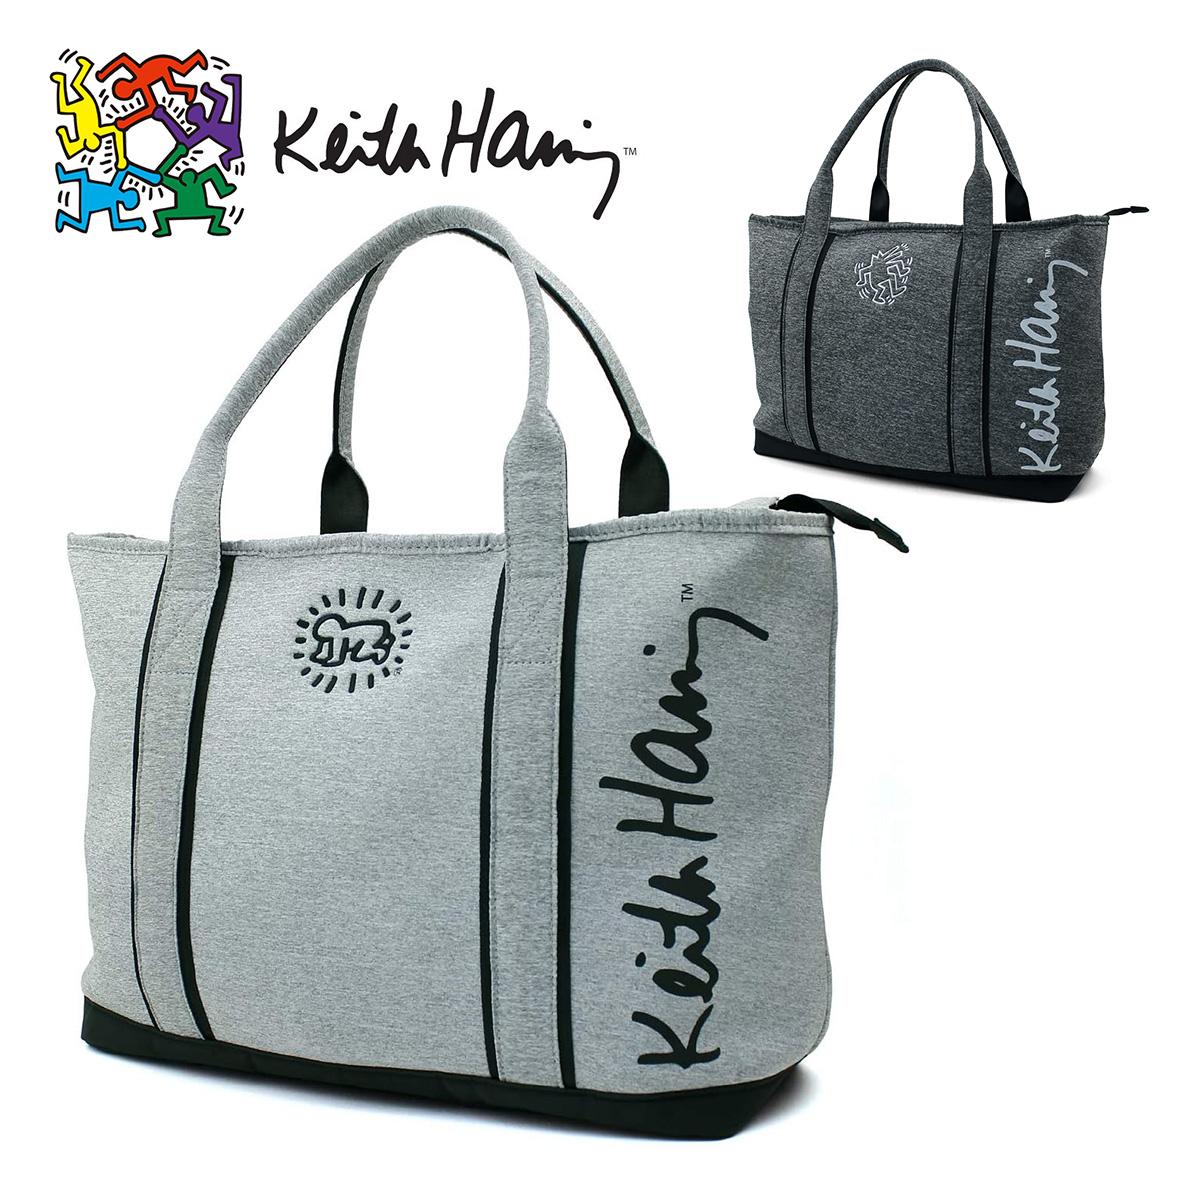 【【最大3300円OFFクーポン】】Keith Haring (キース ヘリング) ゴルフ トートバッグ 2020新製品 「KHTB-02」 【あす楽対応】